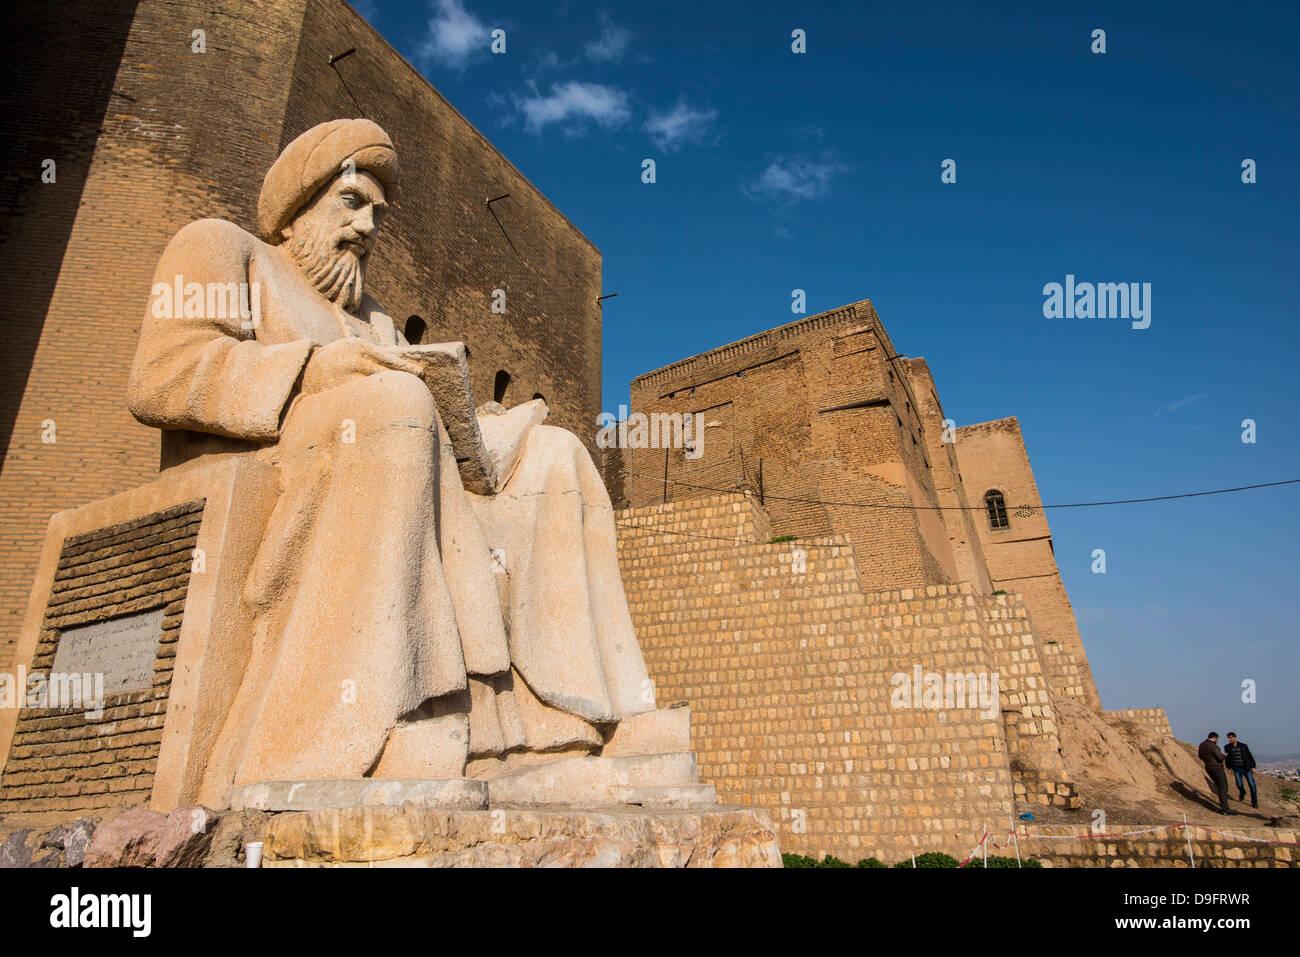 Statue de Mubarek Ahmed Sharafaddin en face de la citadelle d'Erbil (Hawler), capitale de l'Irak Kurdistan, Photo Stock